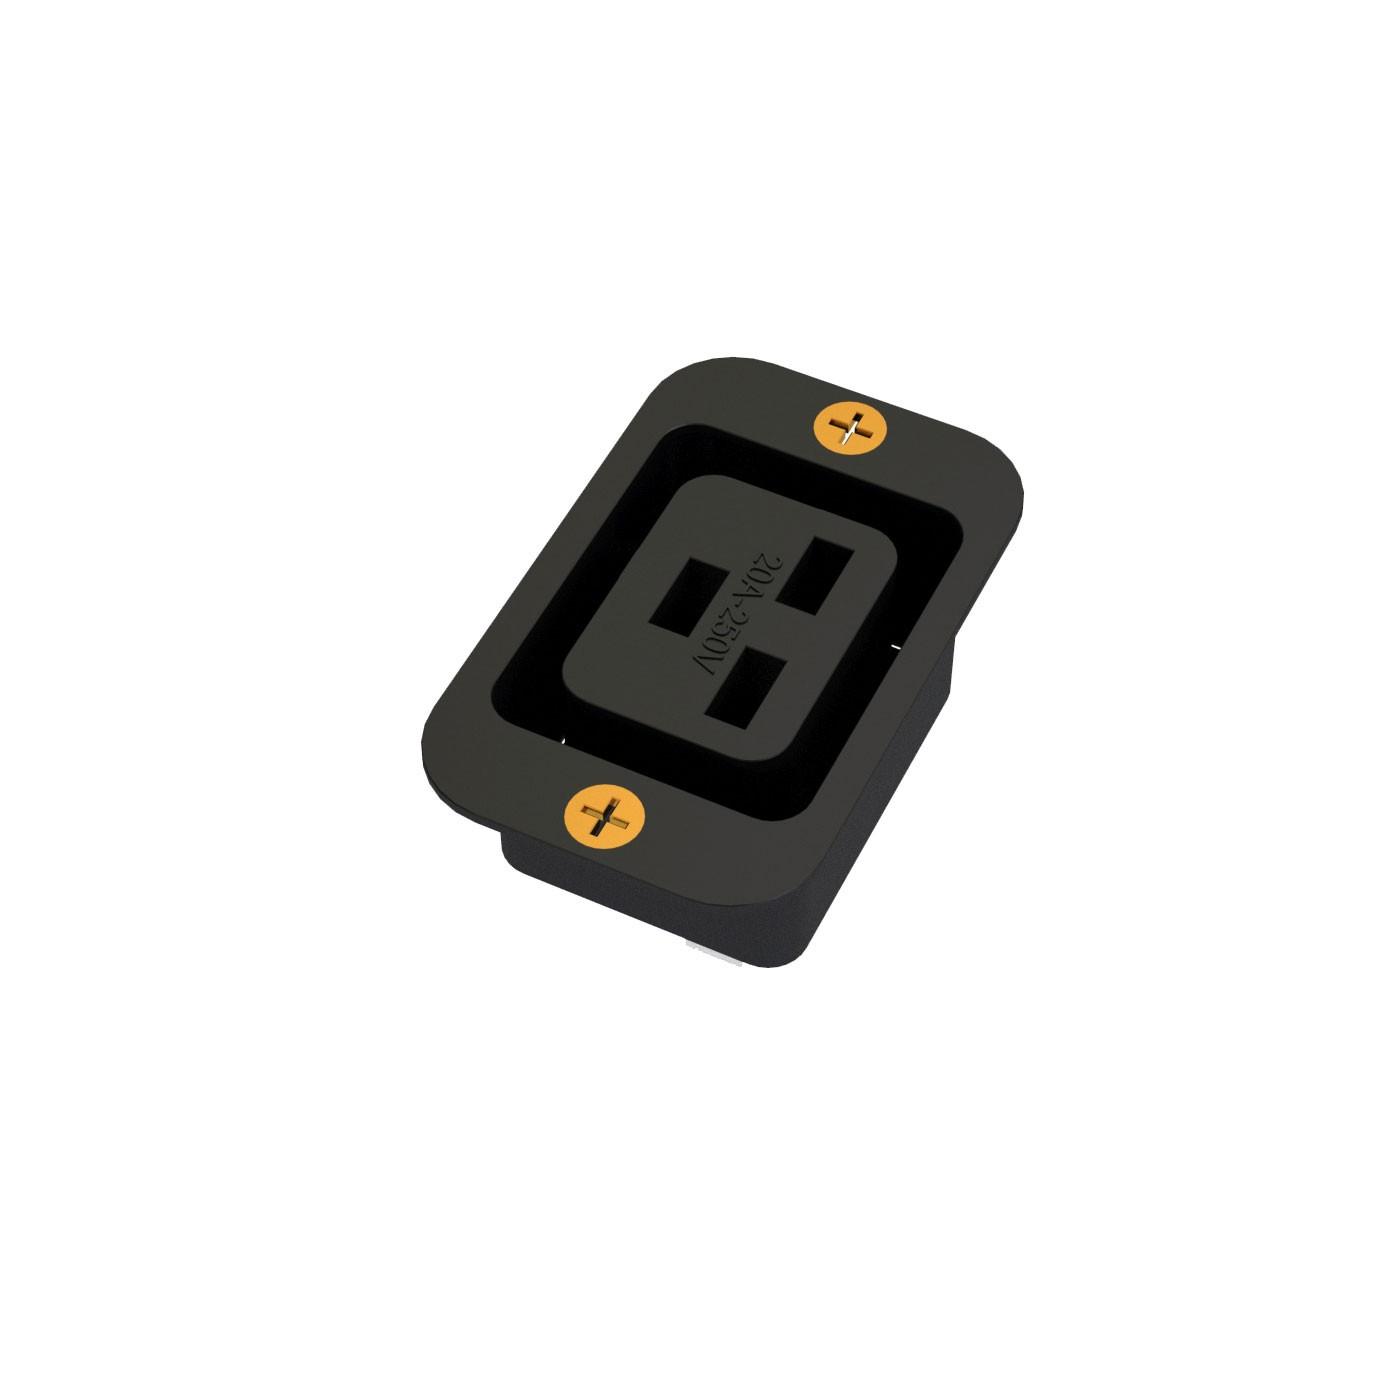 TOMADA IEC320 C19 PARA PAINEL - 20A - 250V 2P+T